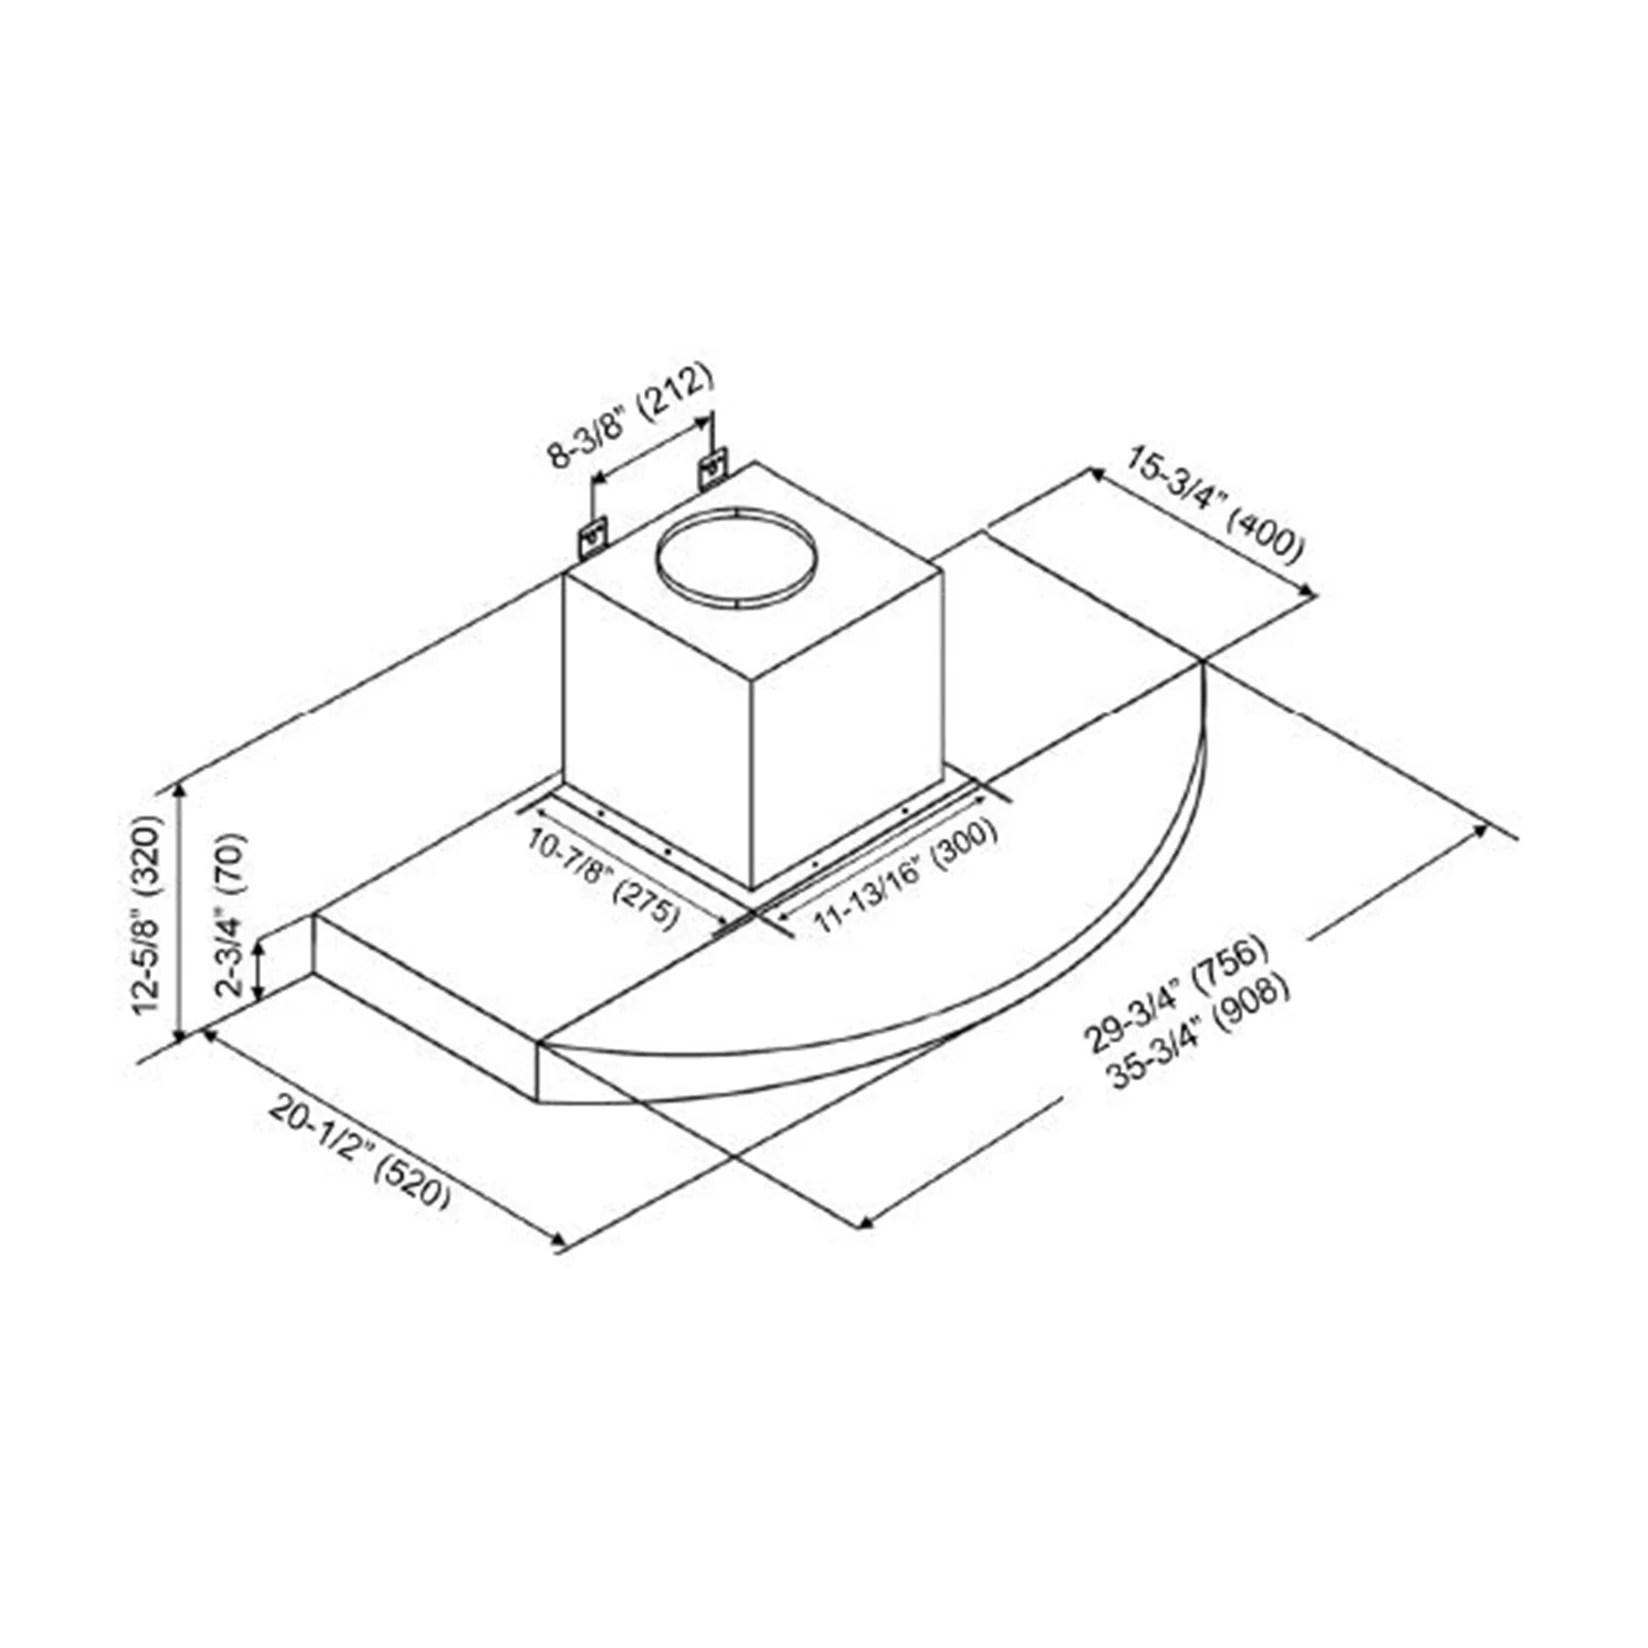 Wiring Diagram Polaris Sportsman 300 Powerking